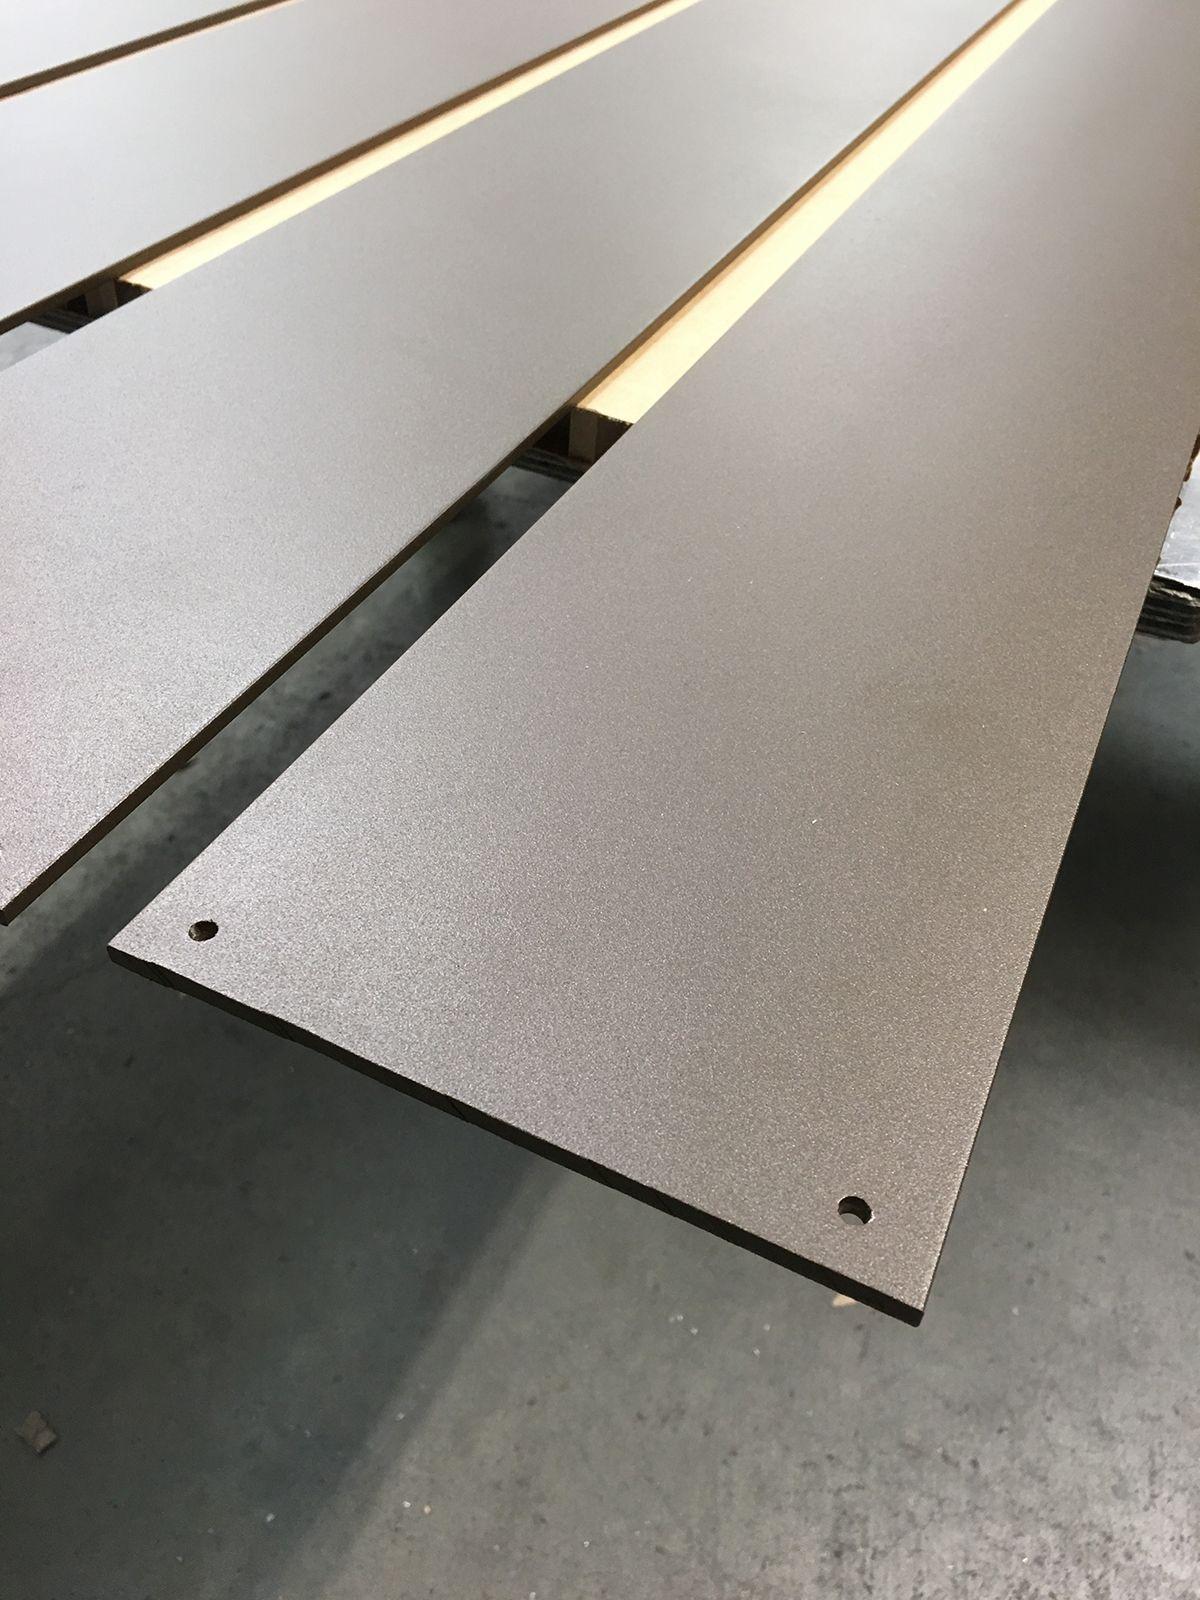 Moz Designs Metal Laminates Custom Metal Fabrication Stainless Steel Sheet Metal Metal Decor